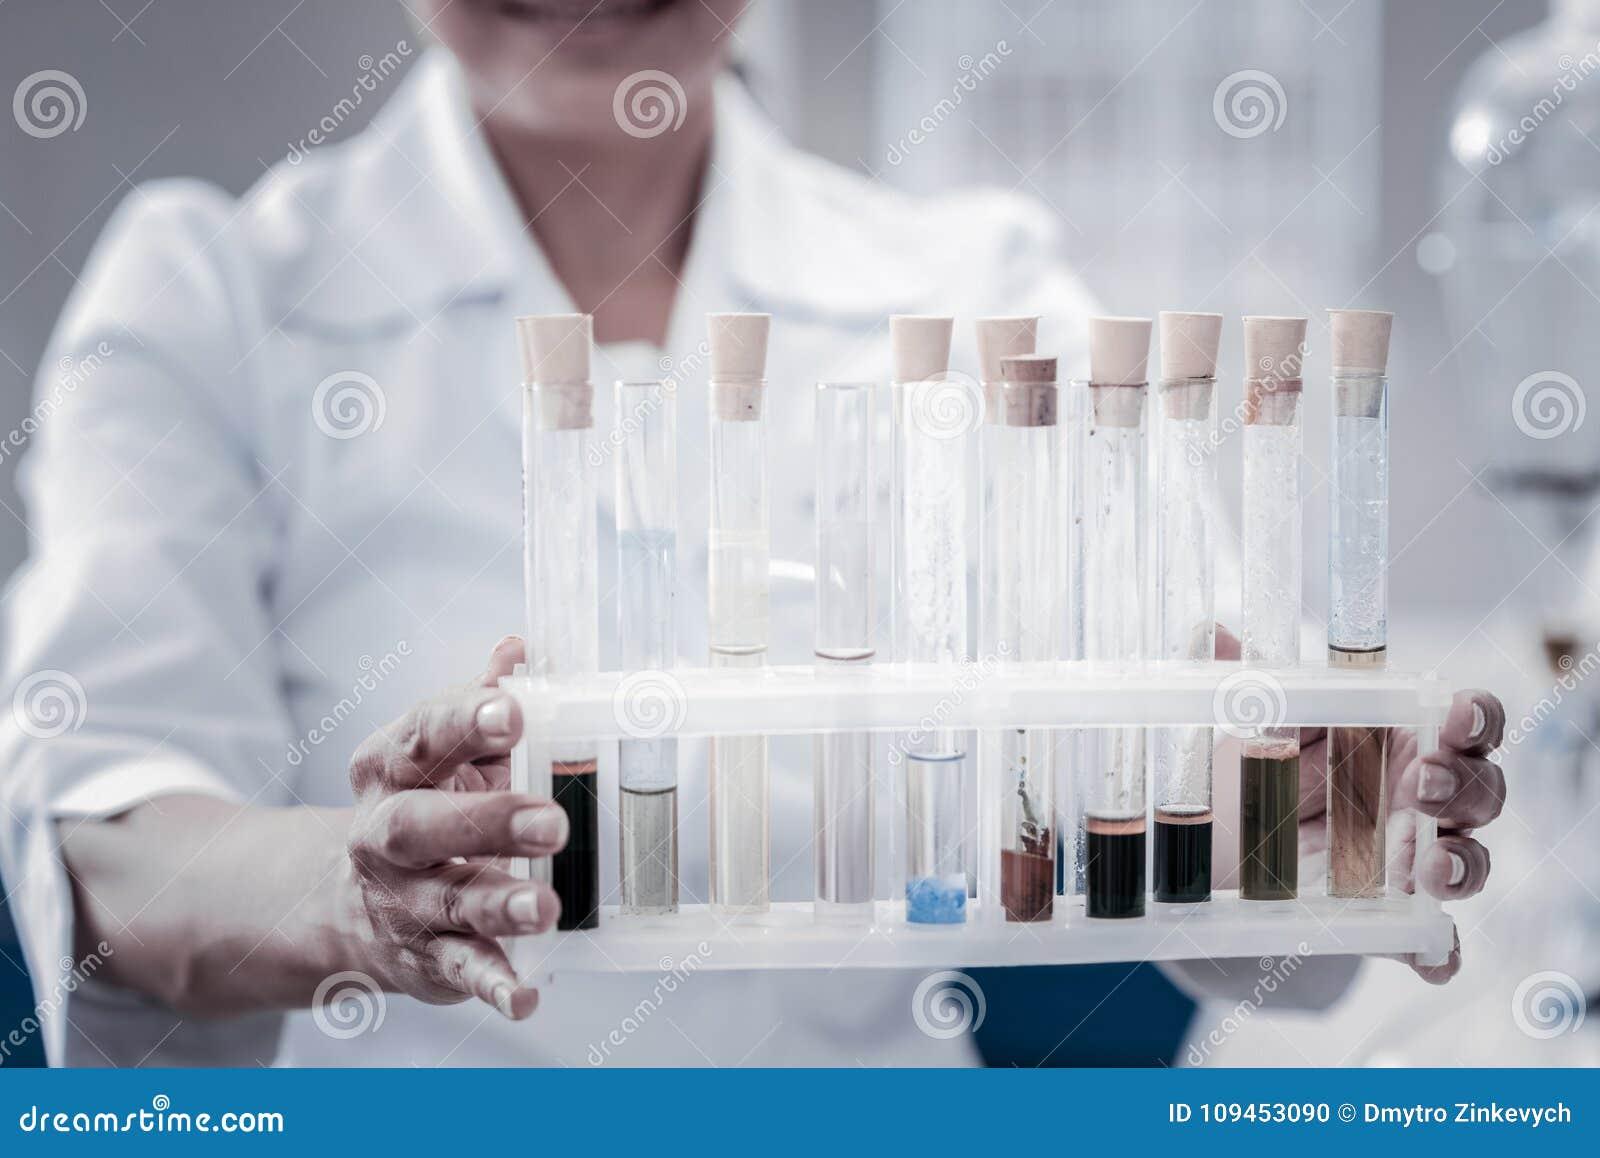 Fin d ensemble de participation de chercheur de tubes à essai